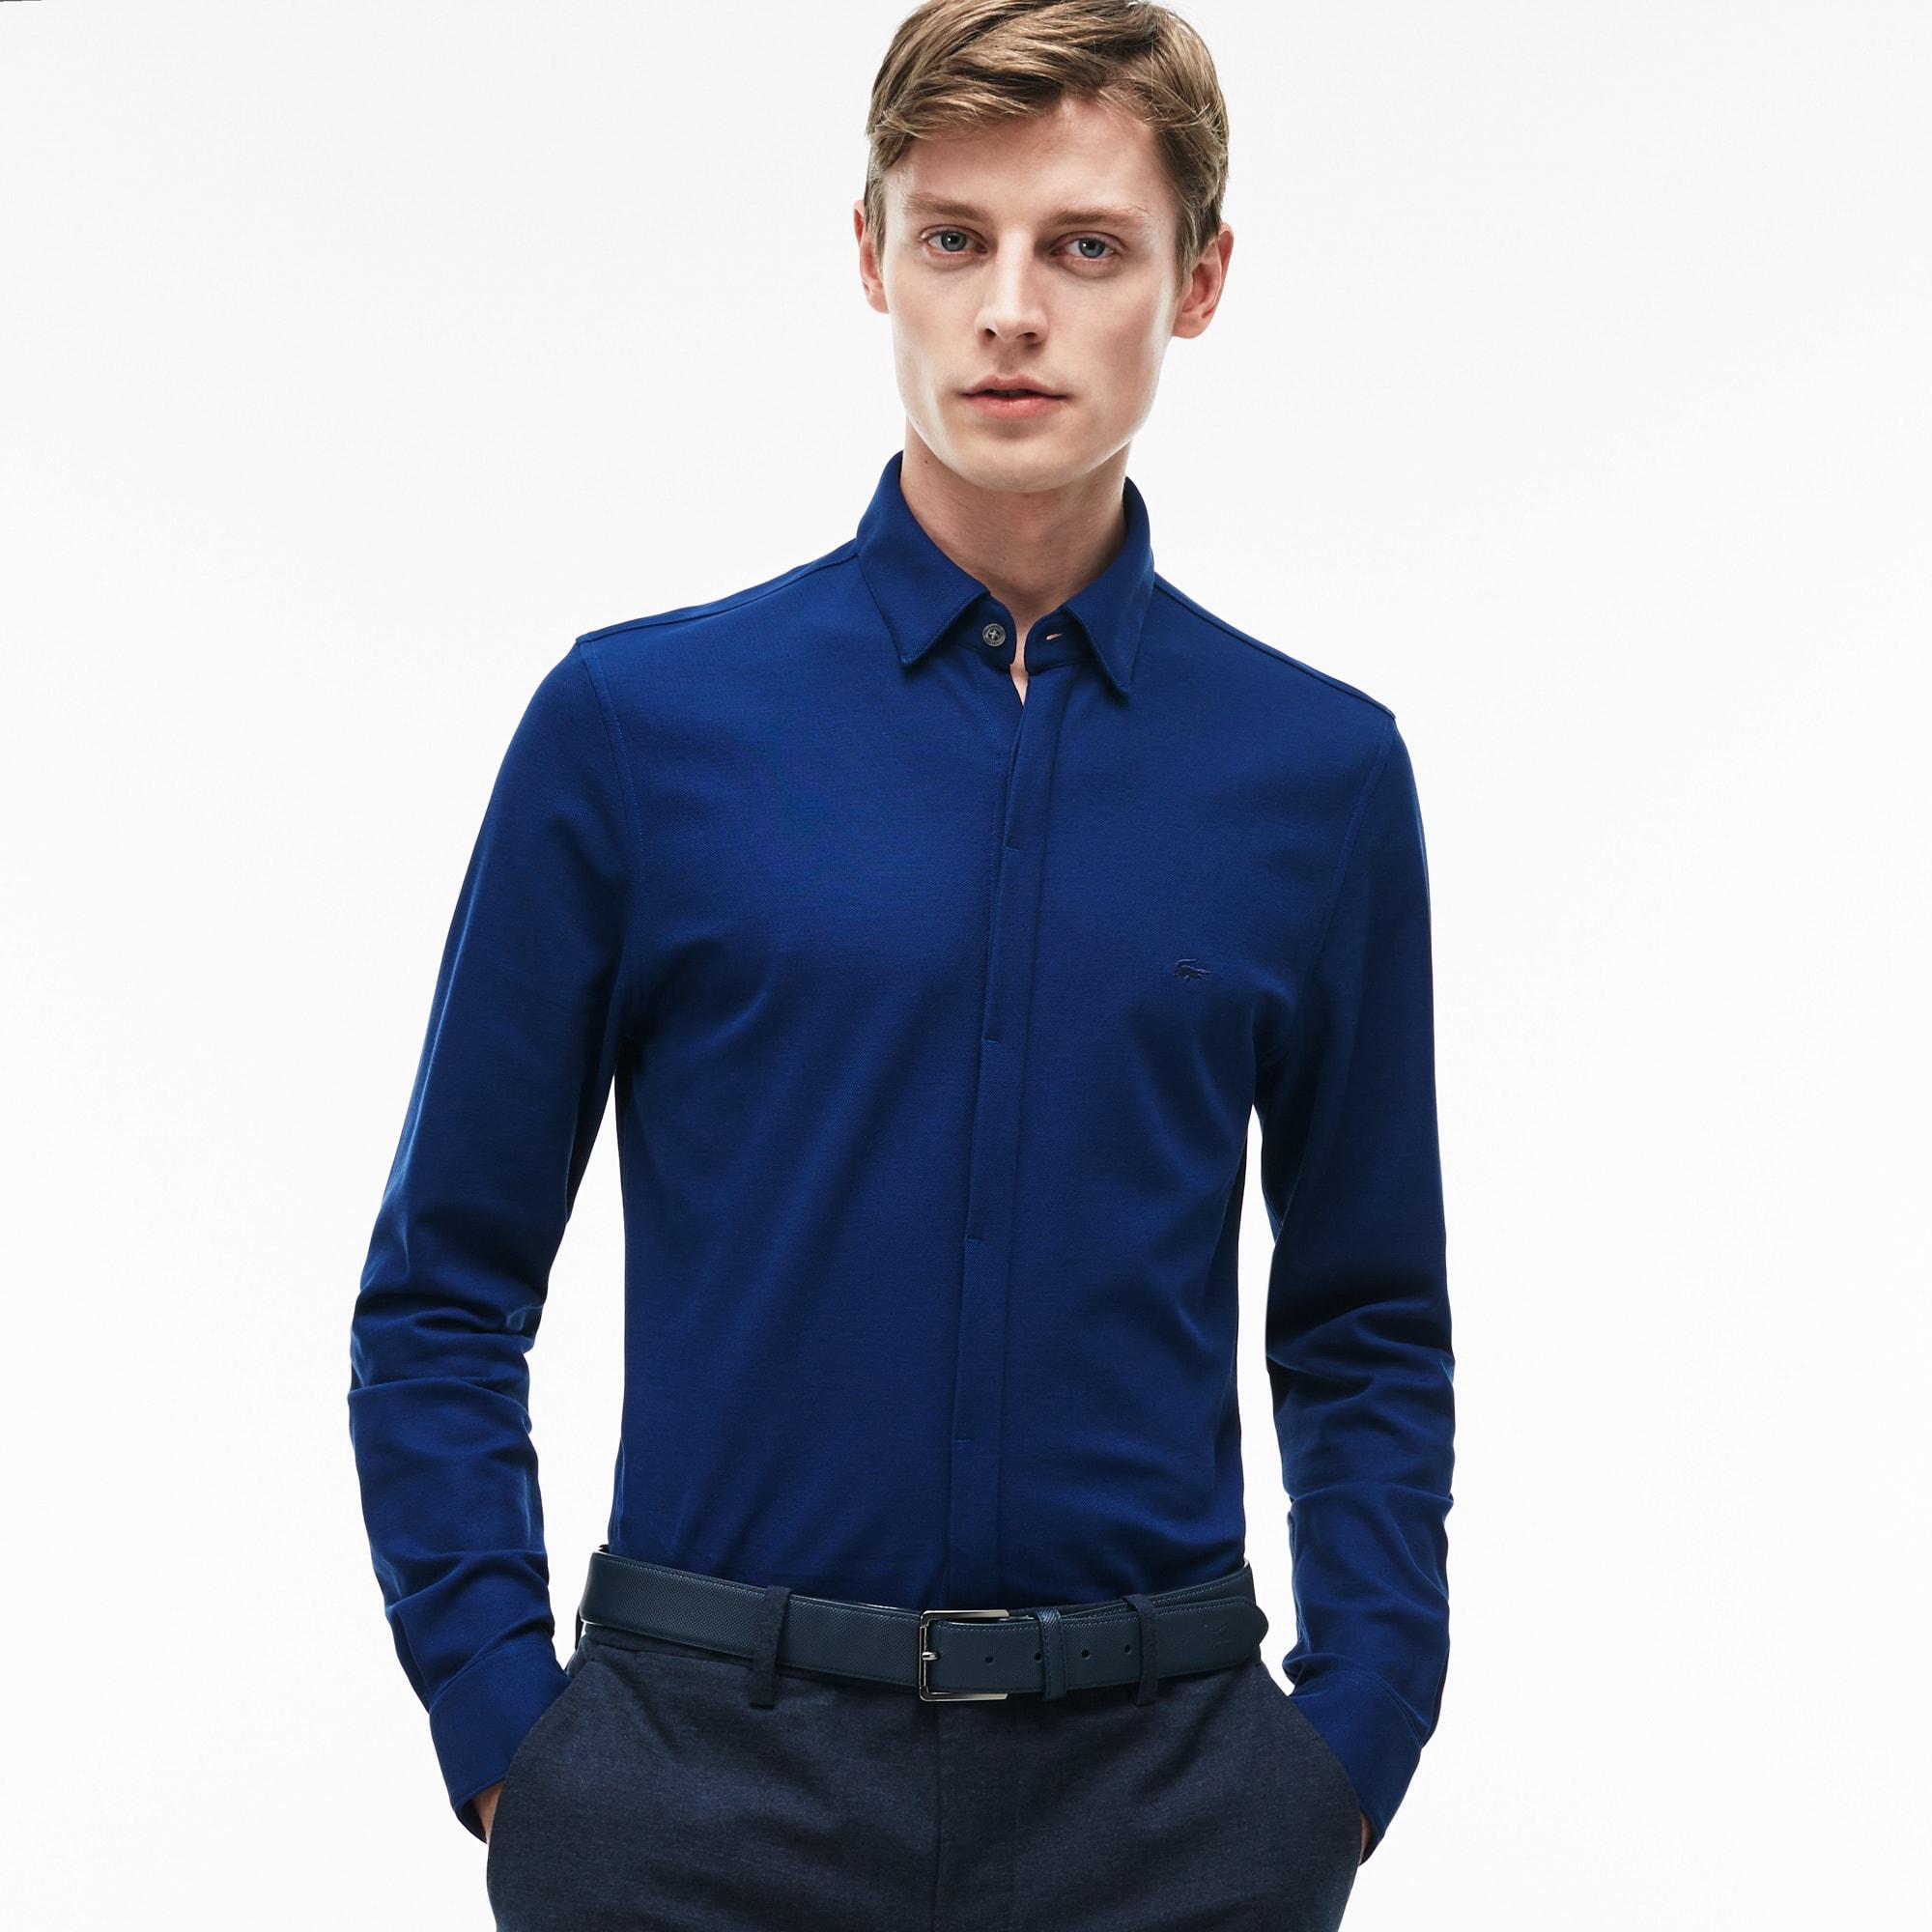 Men's Slim Fit Texturized Cotton Jersey Shirt